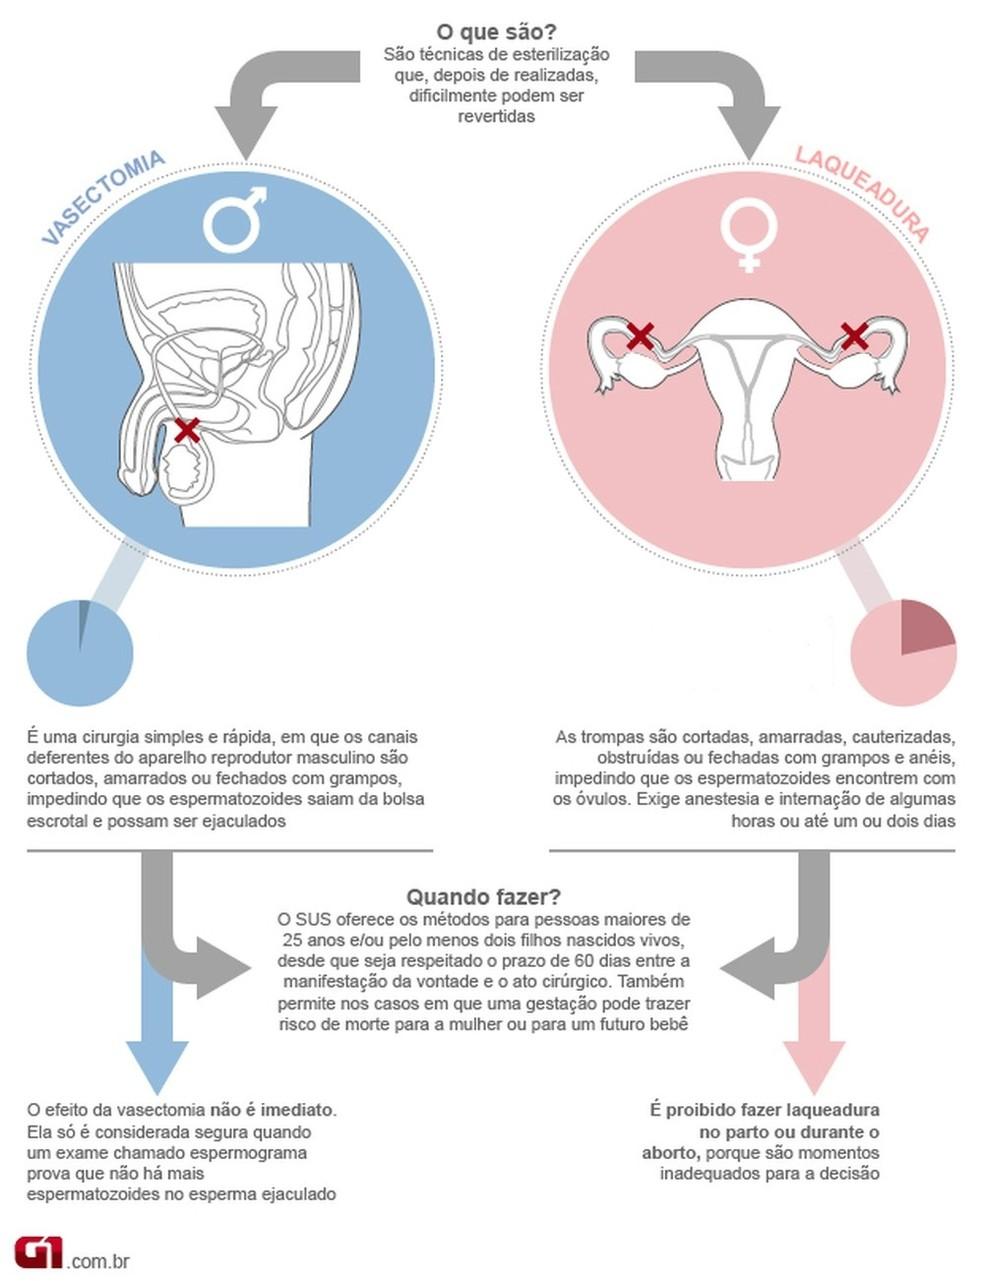 Vasectomia e laqueadura — Foto: Arte/G1